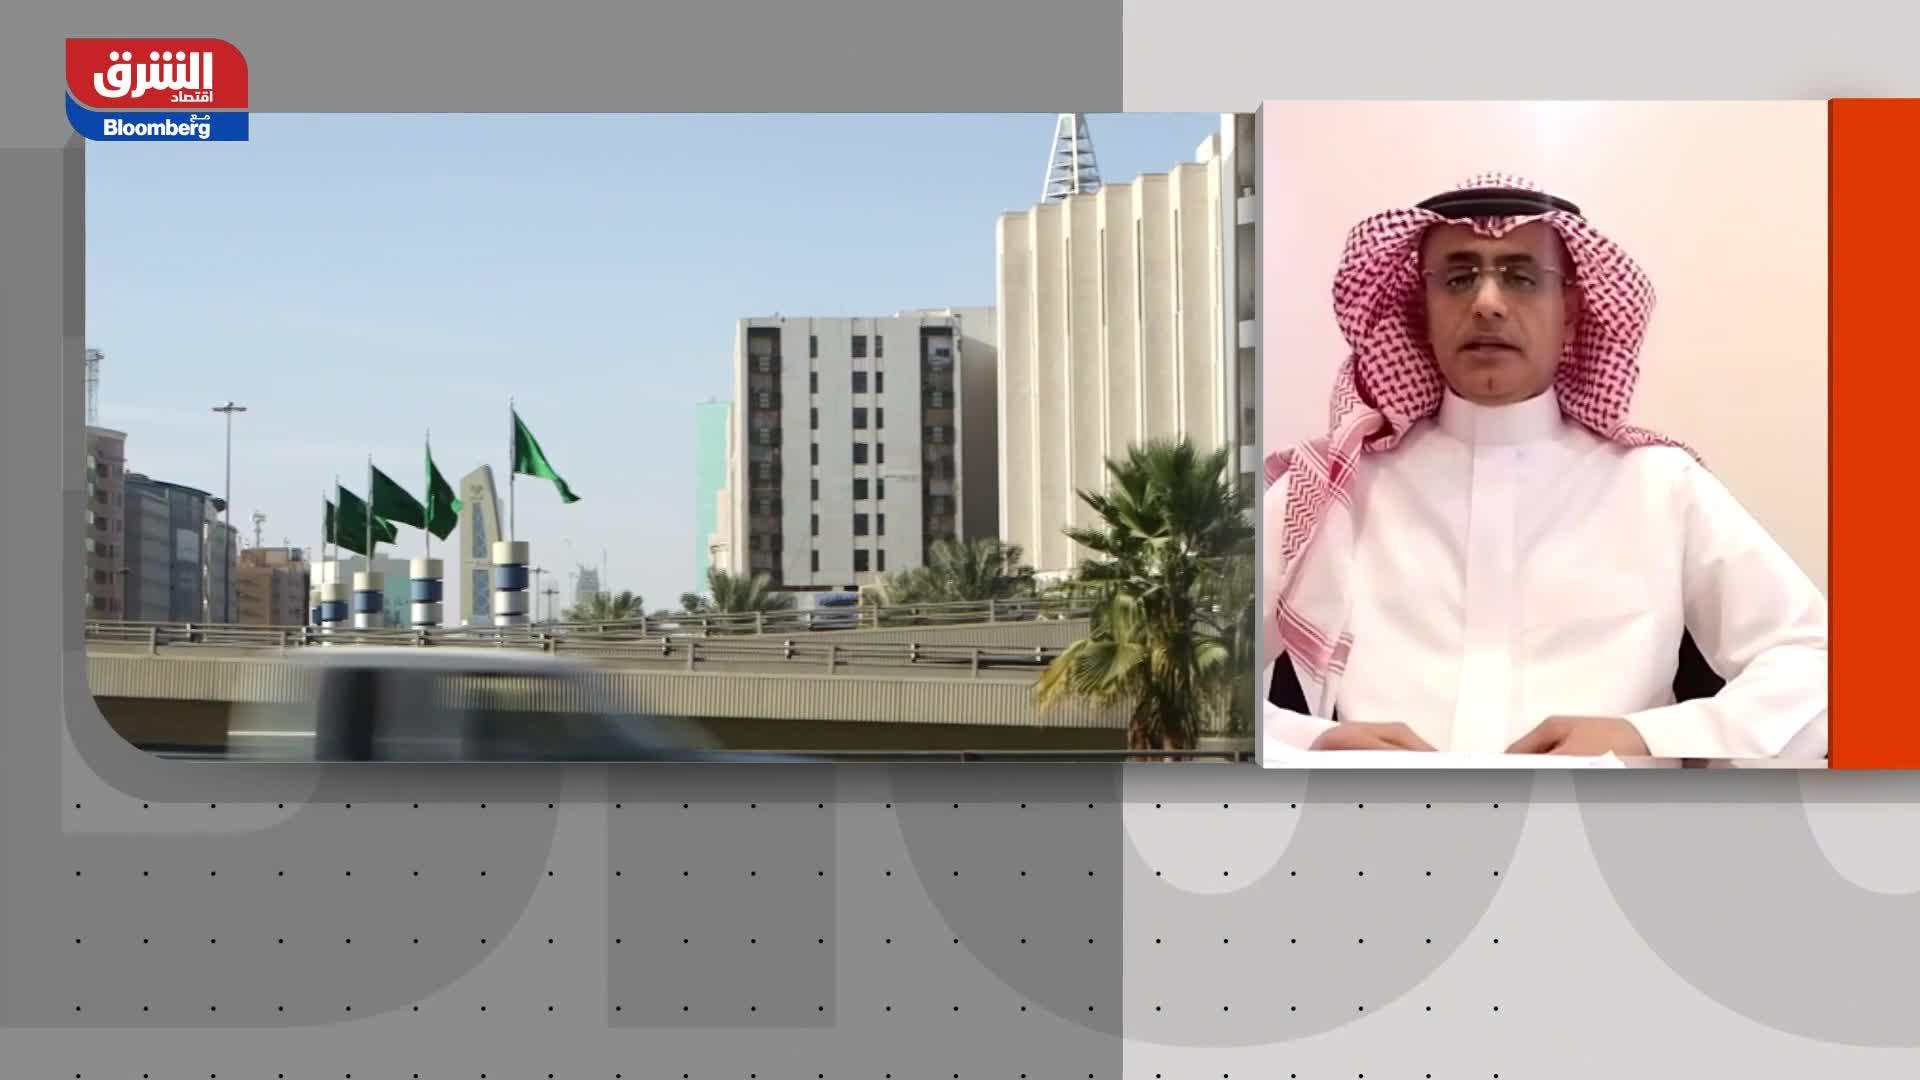 ما الإضافة المتوقعة للمناطق الاقتصادية الخاصة التي أنشأتها السعودية؟